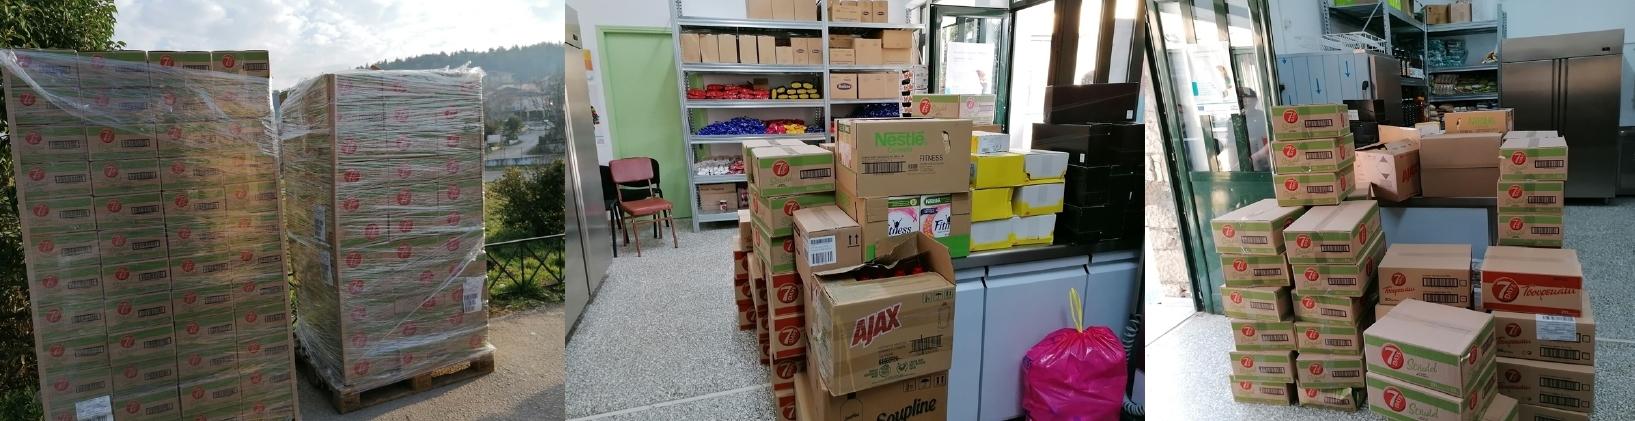 Δήμος Πωγωνίου:Μία σημαντική προσφορά σε τρόφιμα και είδη πρώτης ανάγκης…